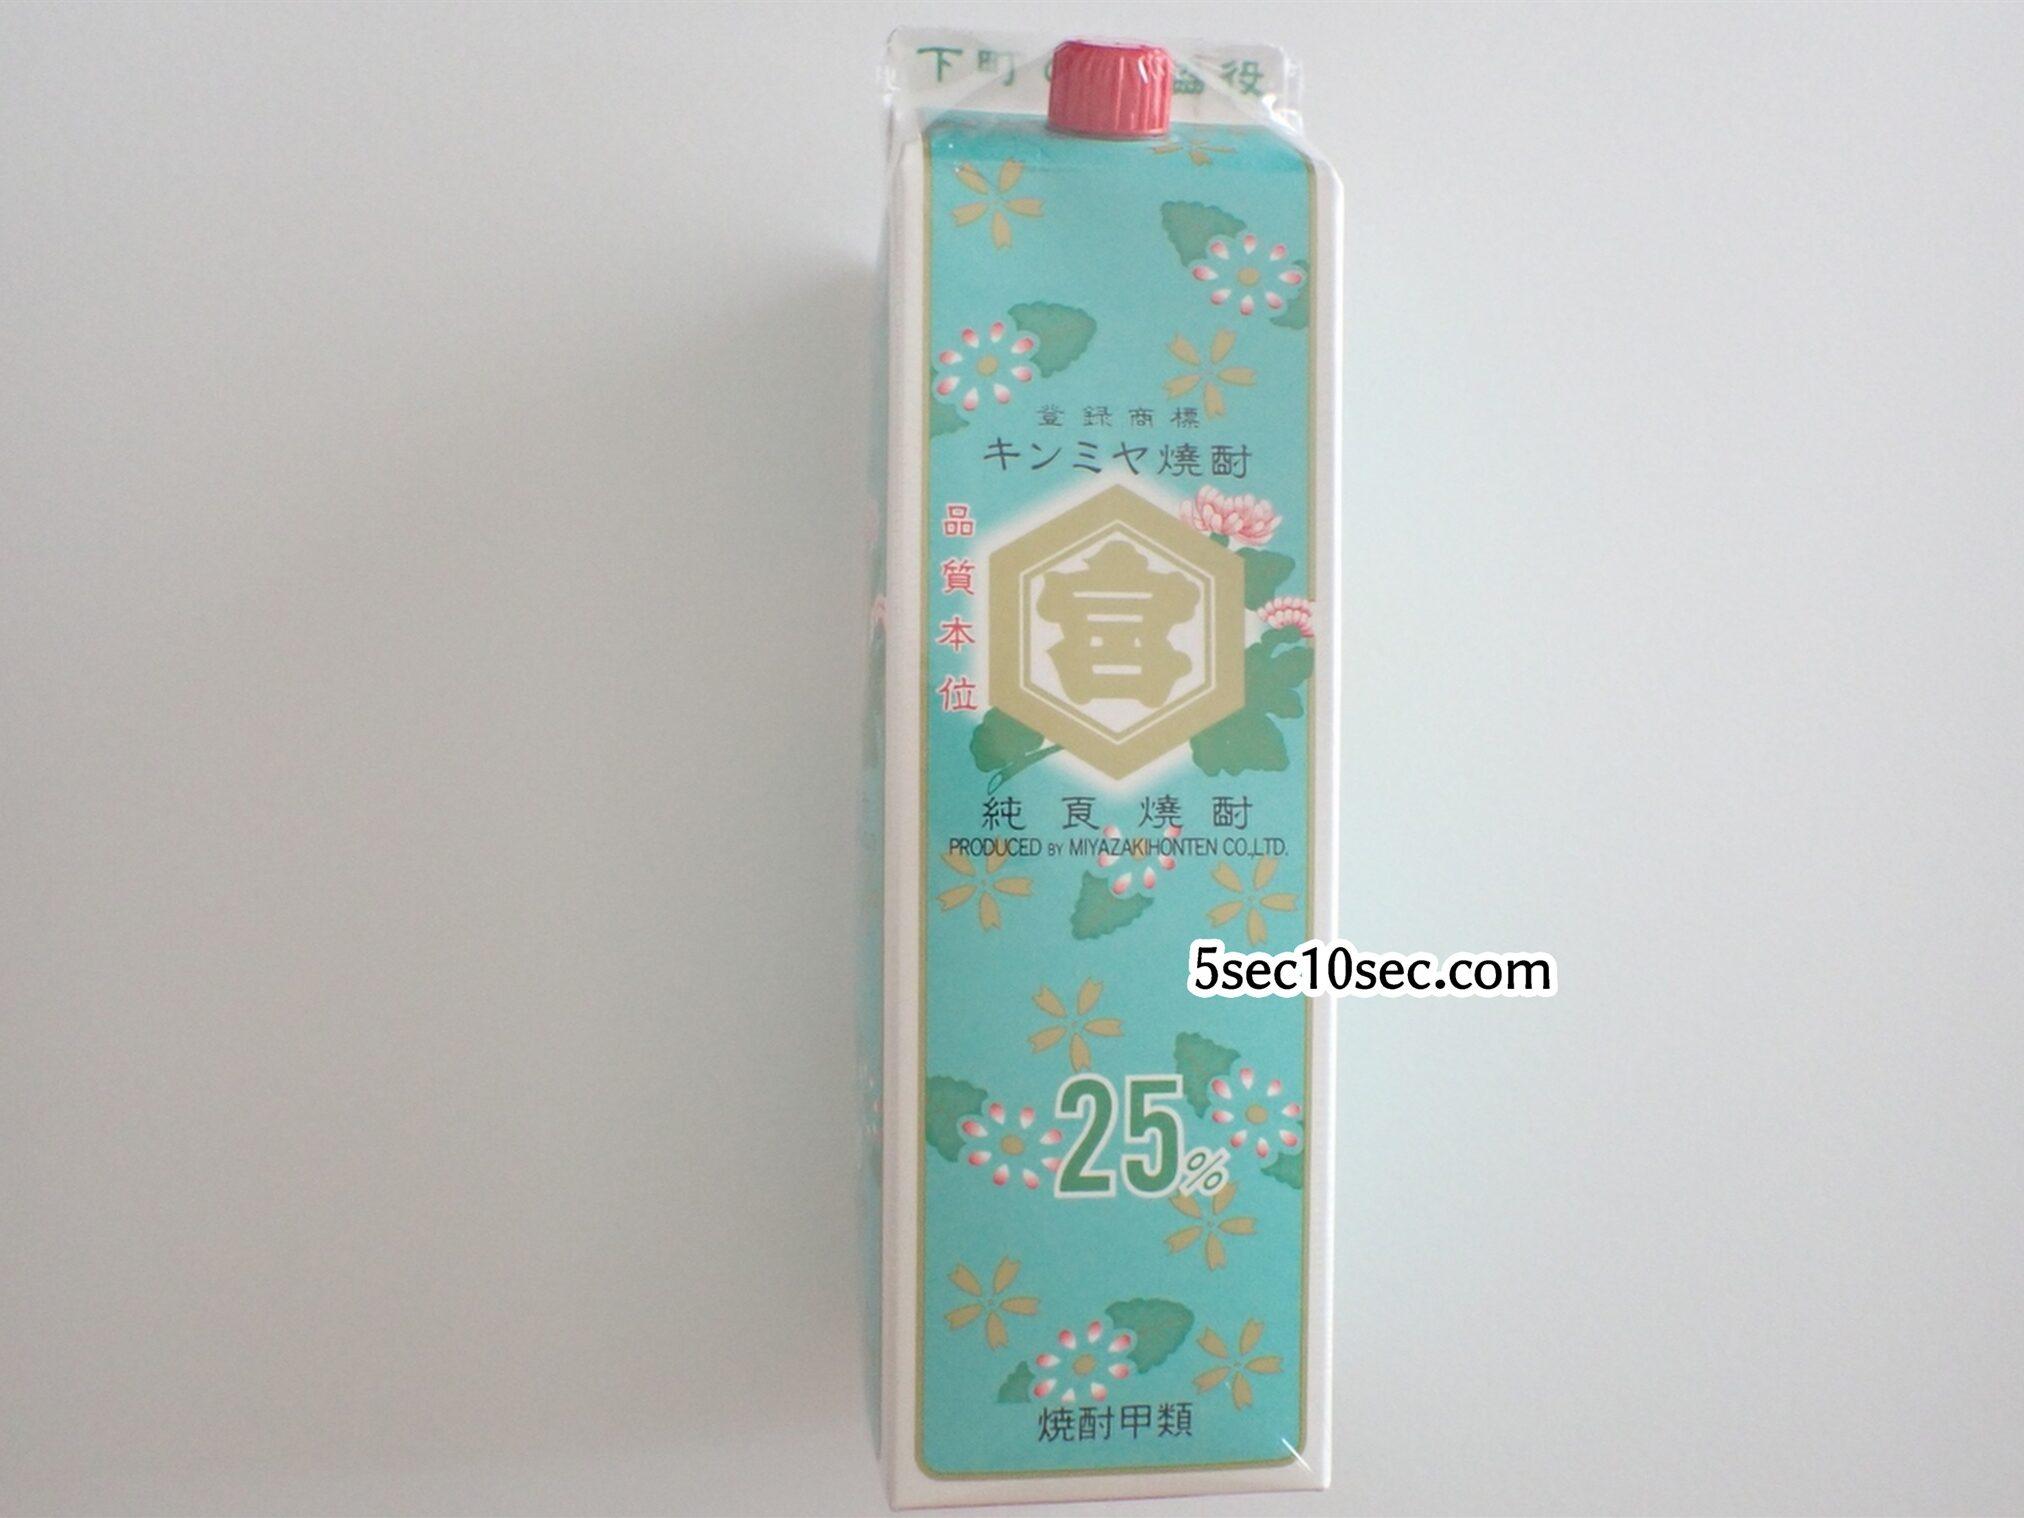 コスパの良い紙パックのキンミヤ焼酎 宮崎本店 亀甲宮焼酎 25度 1800ml、1.8L